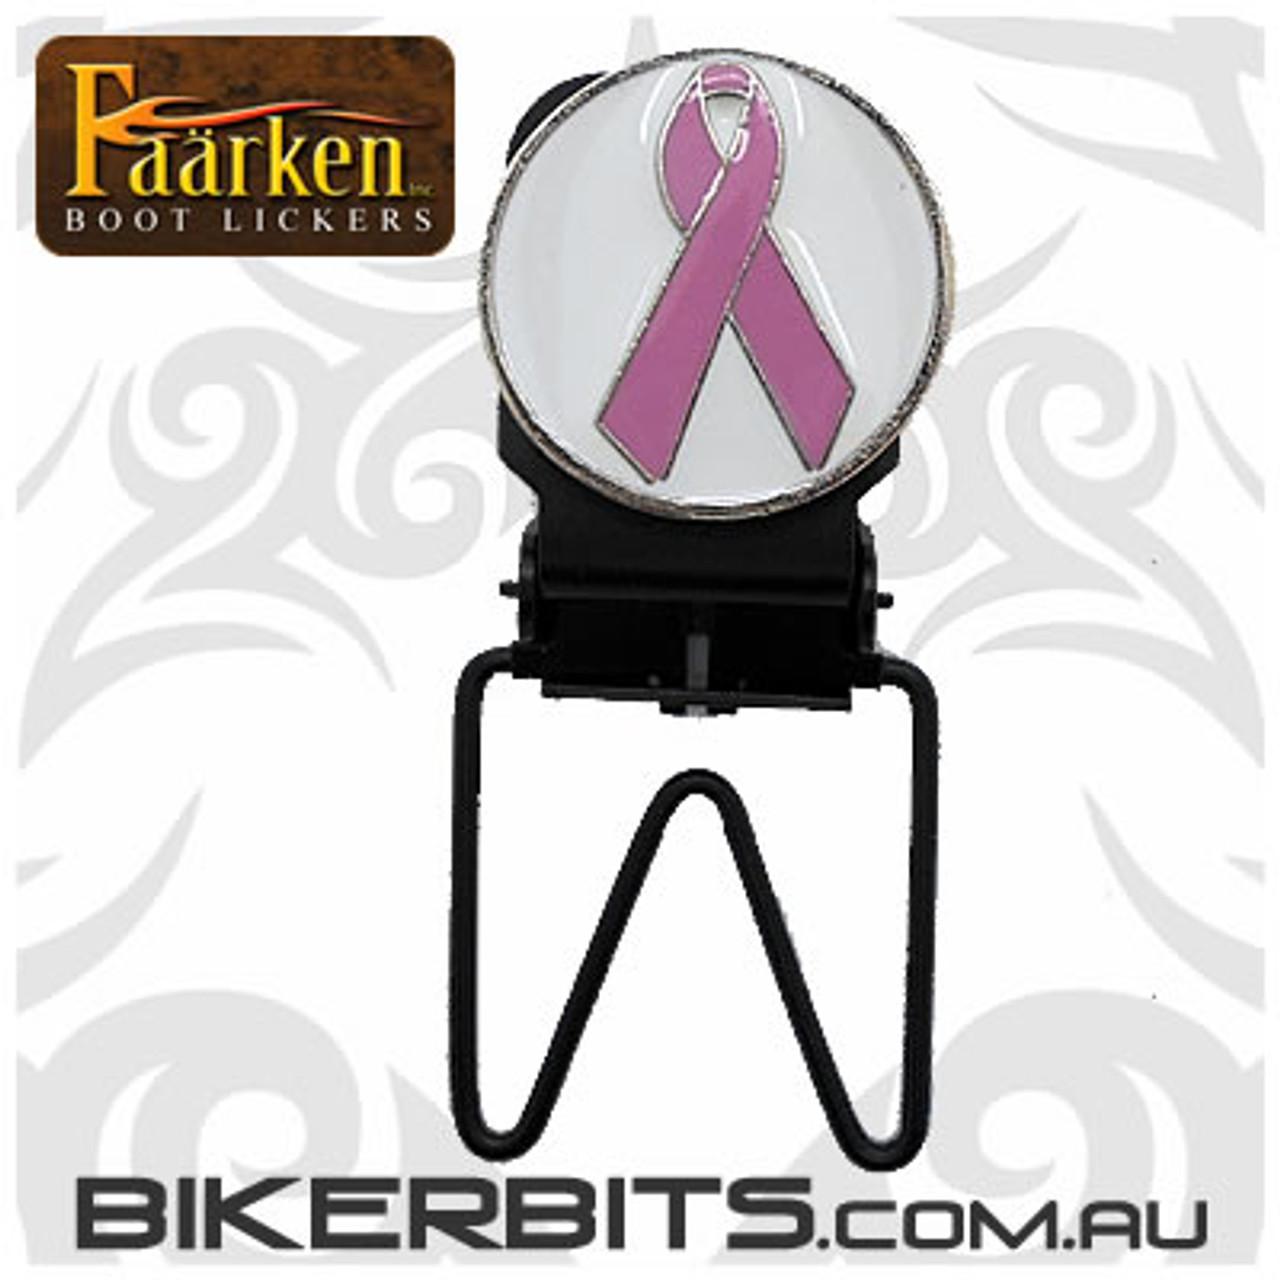 Faarken Biker Boot Lickers - Awareness